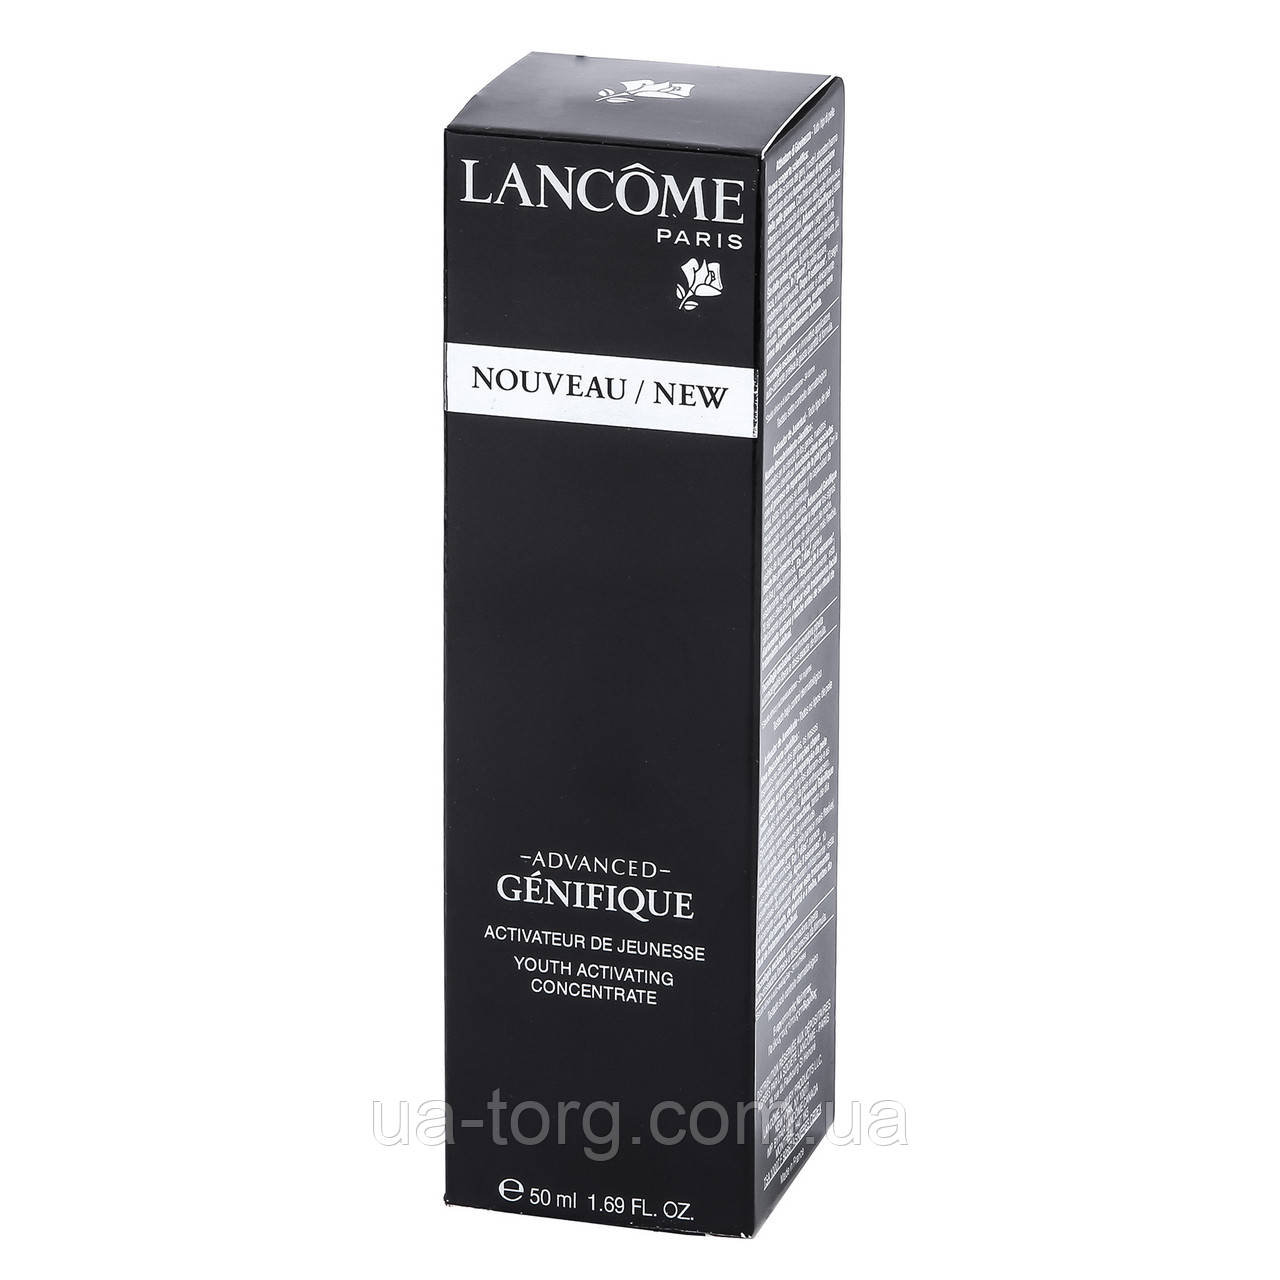 Сыворотка LANCOME Genifique Advanced 50 мл